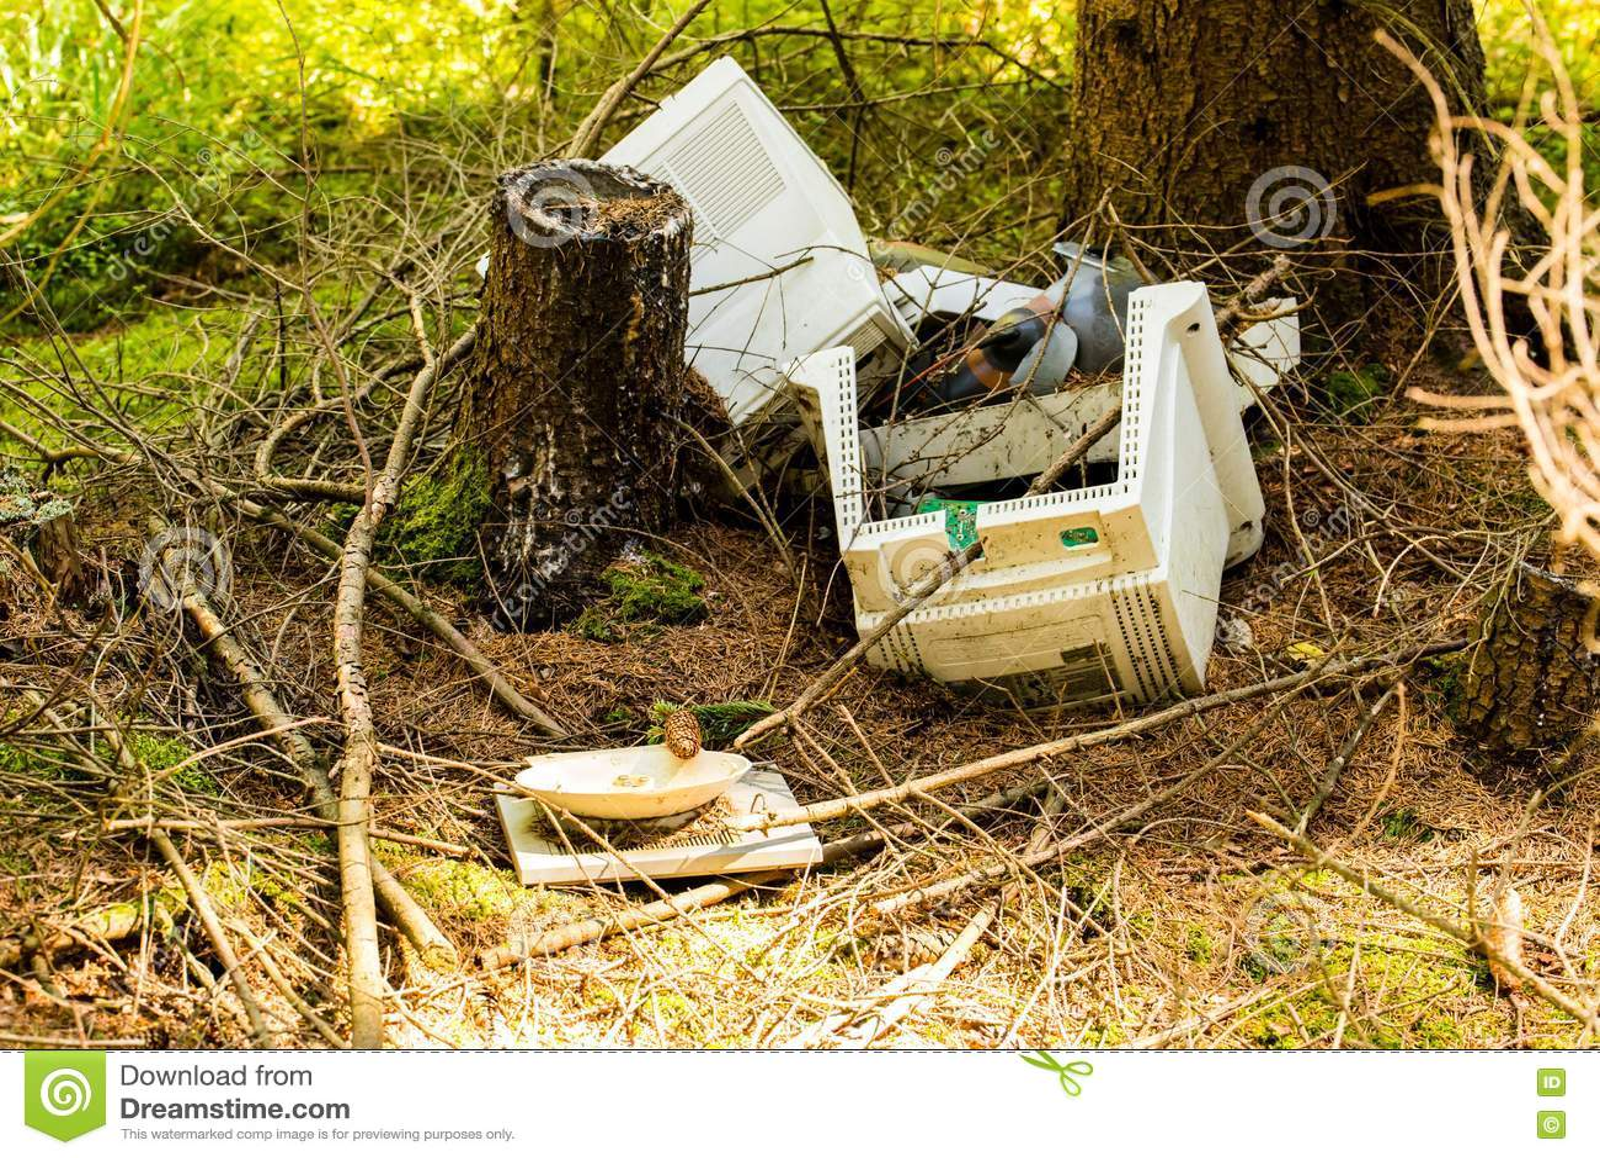 Old broken computer dumped in the woods